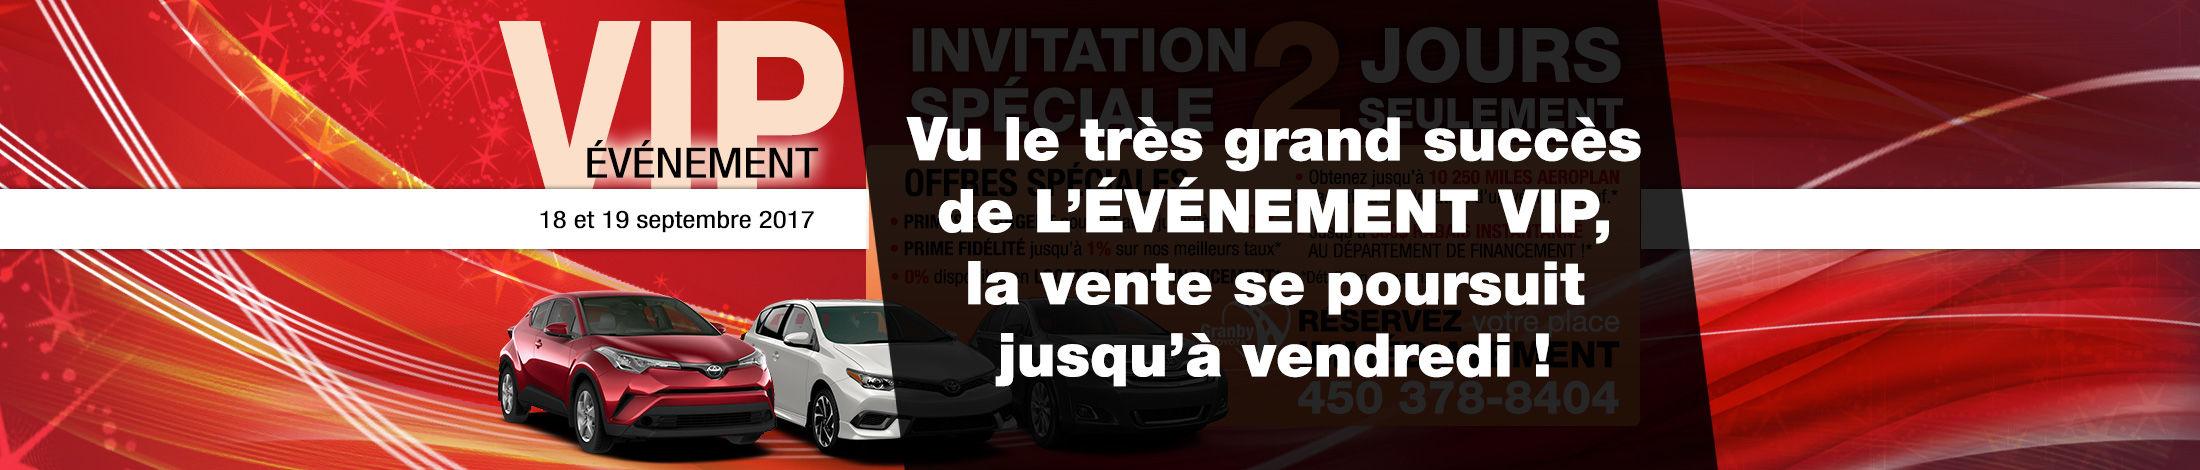 Événement VIP